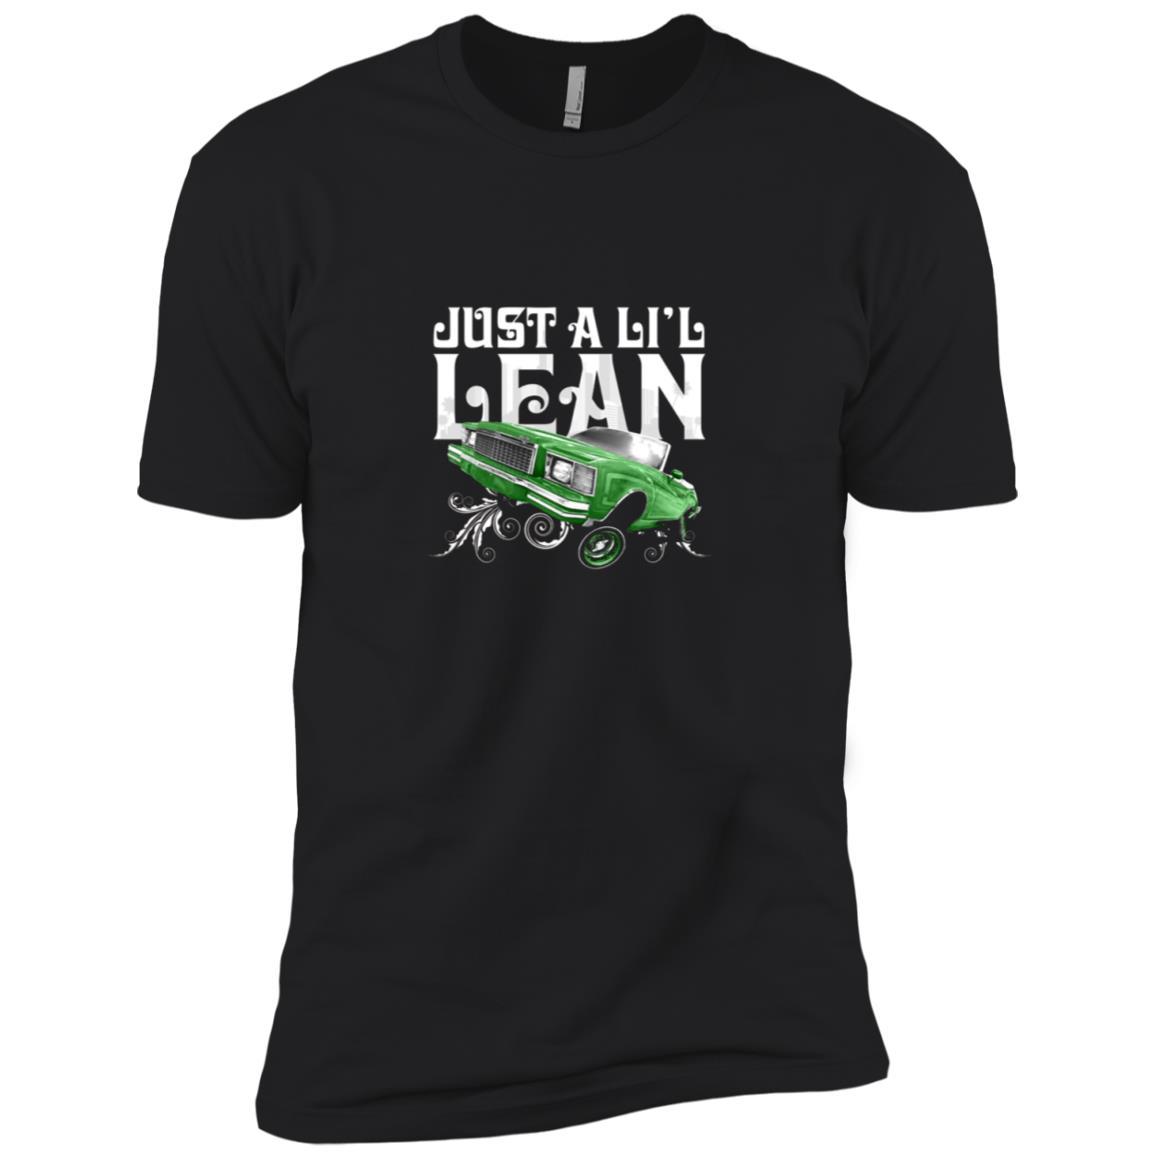 Just a Li'l Lean – Low Rider Car for MenWomenKids Men Short Sleeve T-Shirt